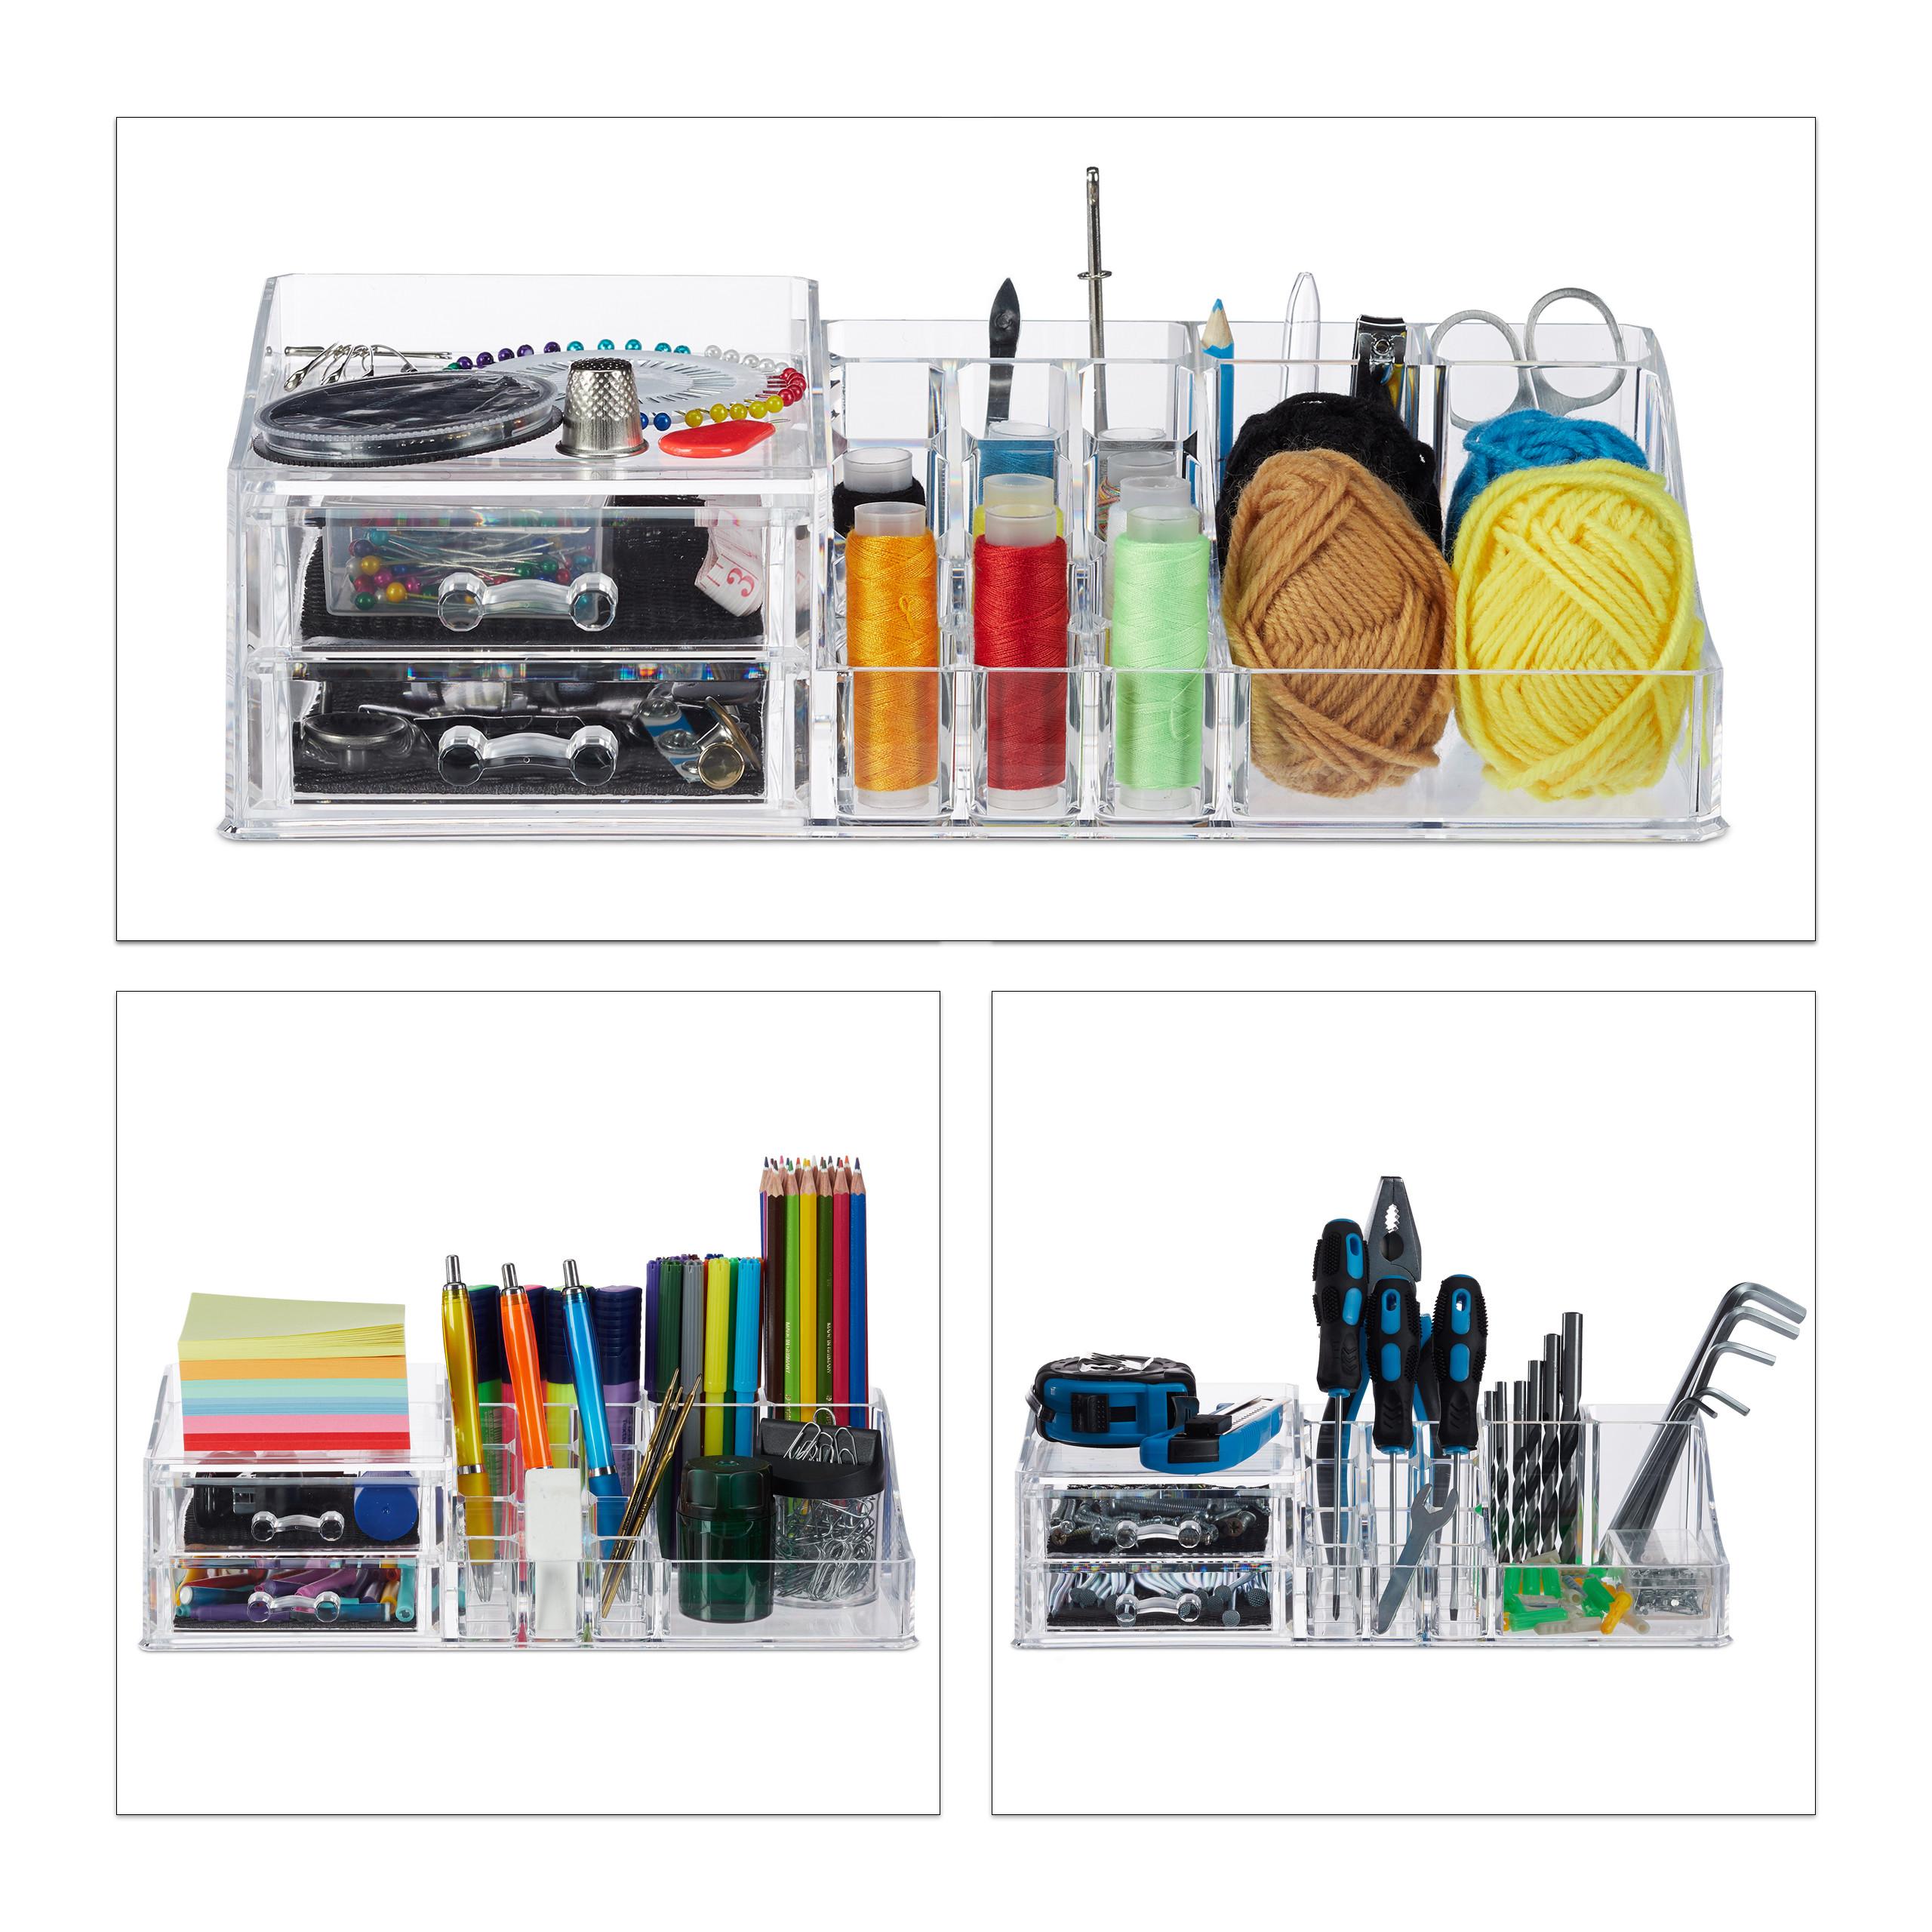 Make-Up-Organizer-Acrylbox-Lippenstifthalter-2-Schubladen-Schmuckaufbewahrung miniatuur 5